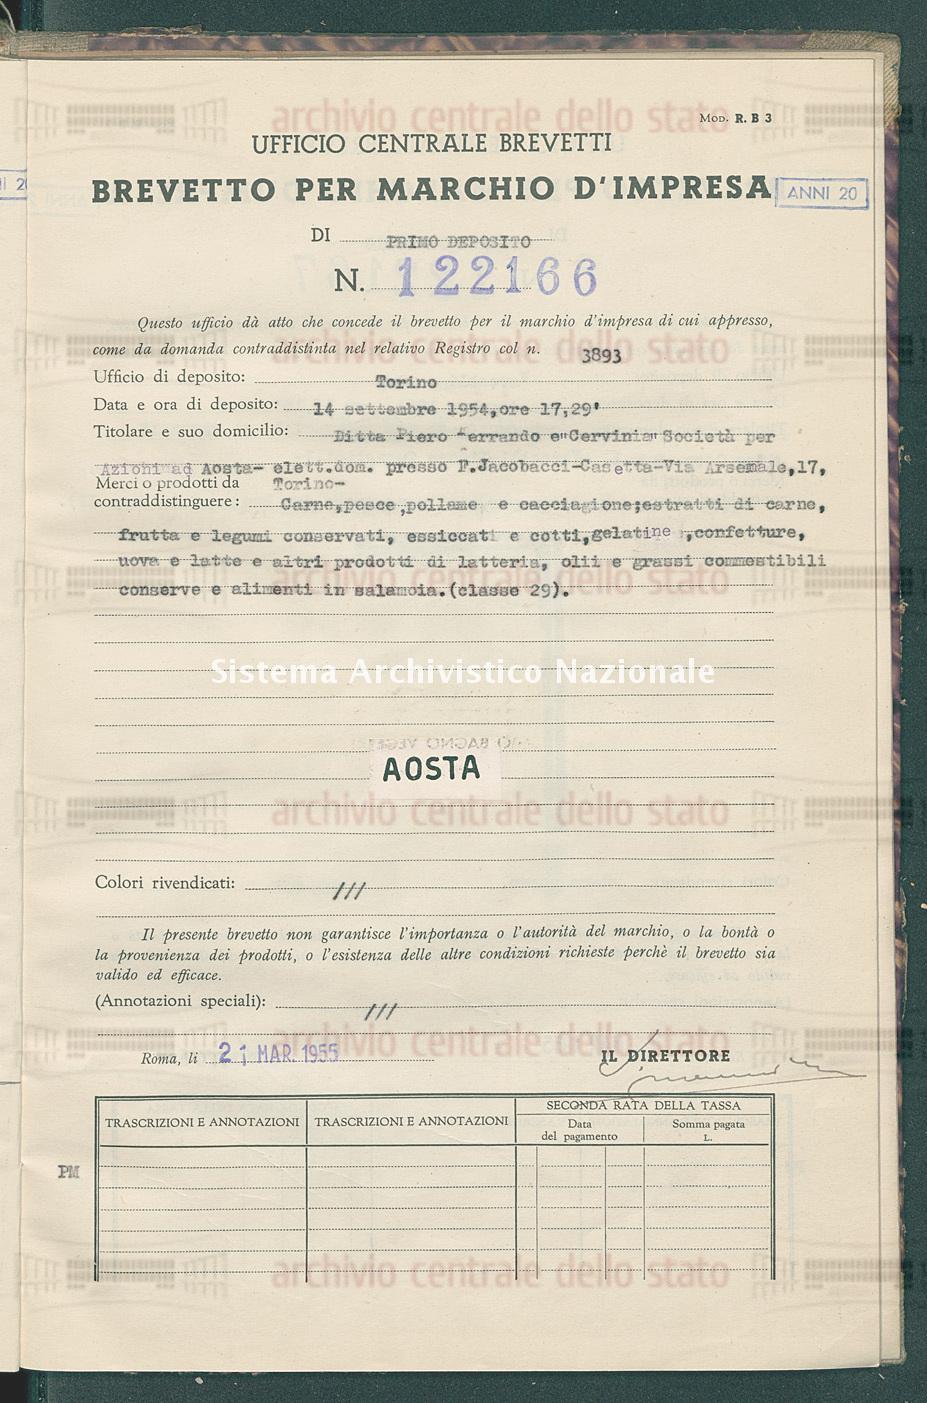 Carne, pesce, pollame ecc. Ditta Piero Ferrando E 'Cervinia' Societa' Per Azioni (21/03/1955)